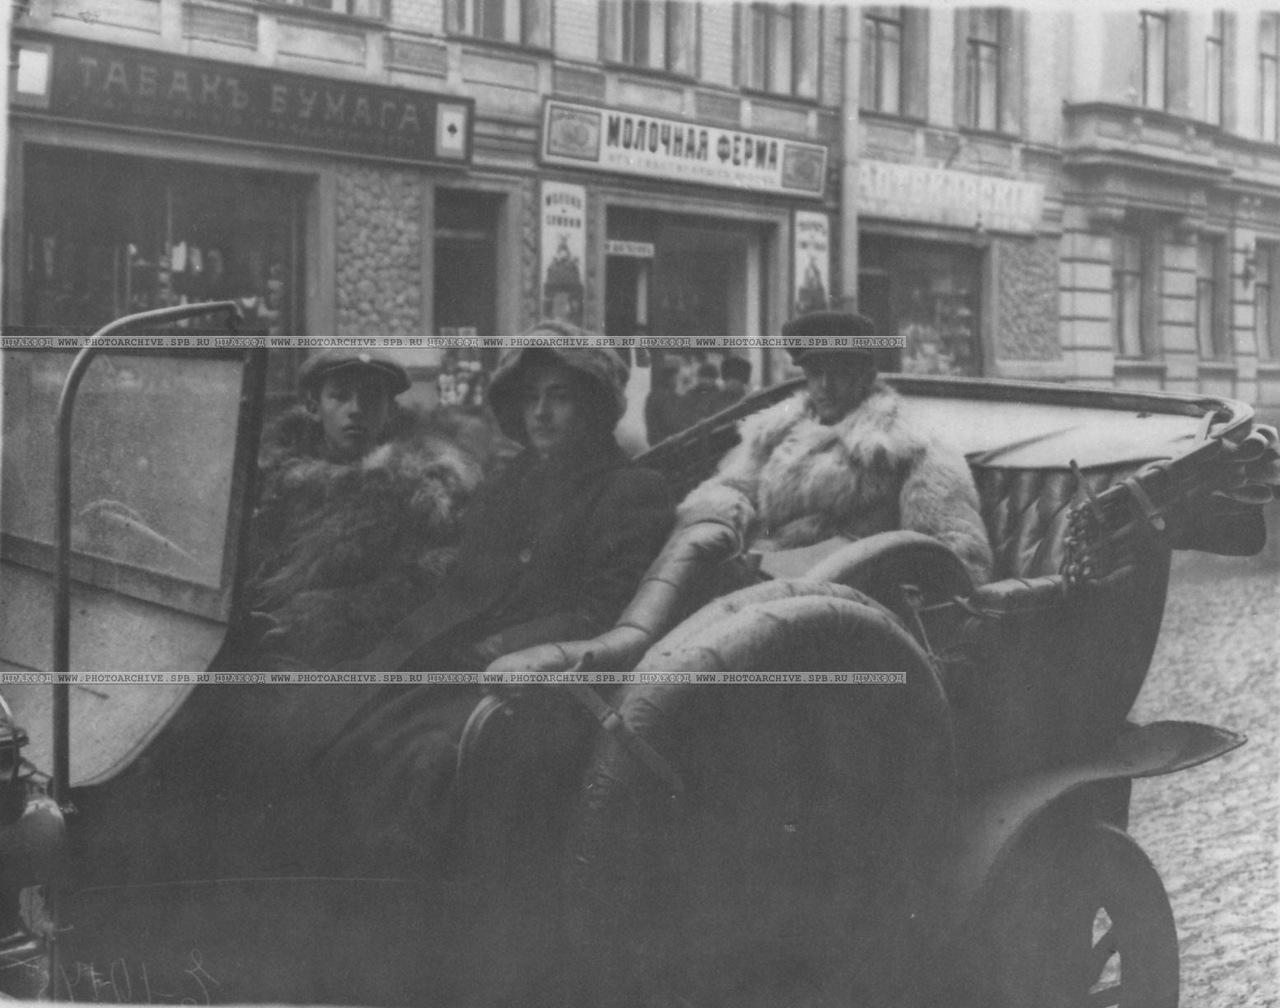 0_a6caf_af9591af_XXXLАвтомобилисты, члены Императорского Российского автомобильного общества, в машине